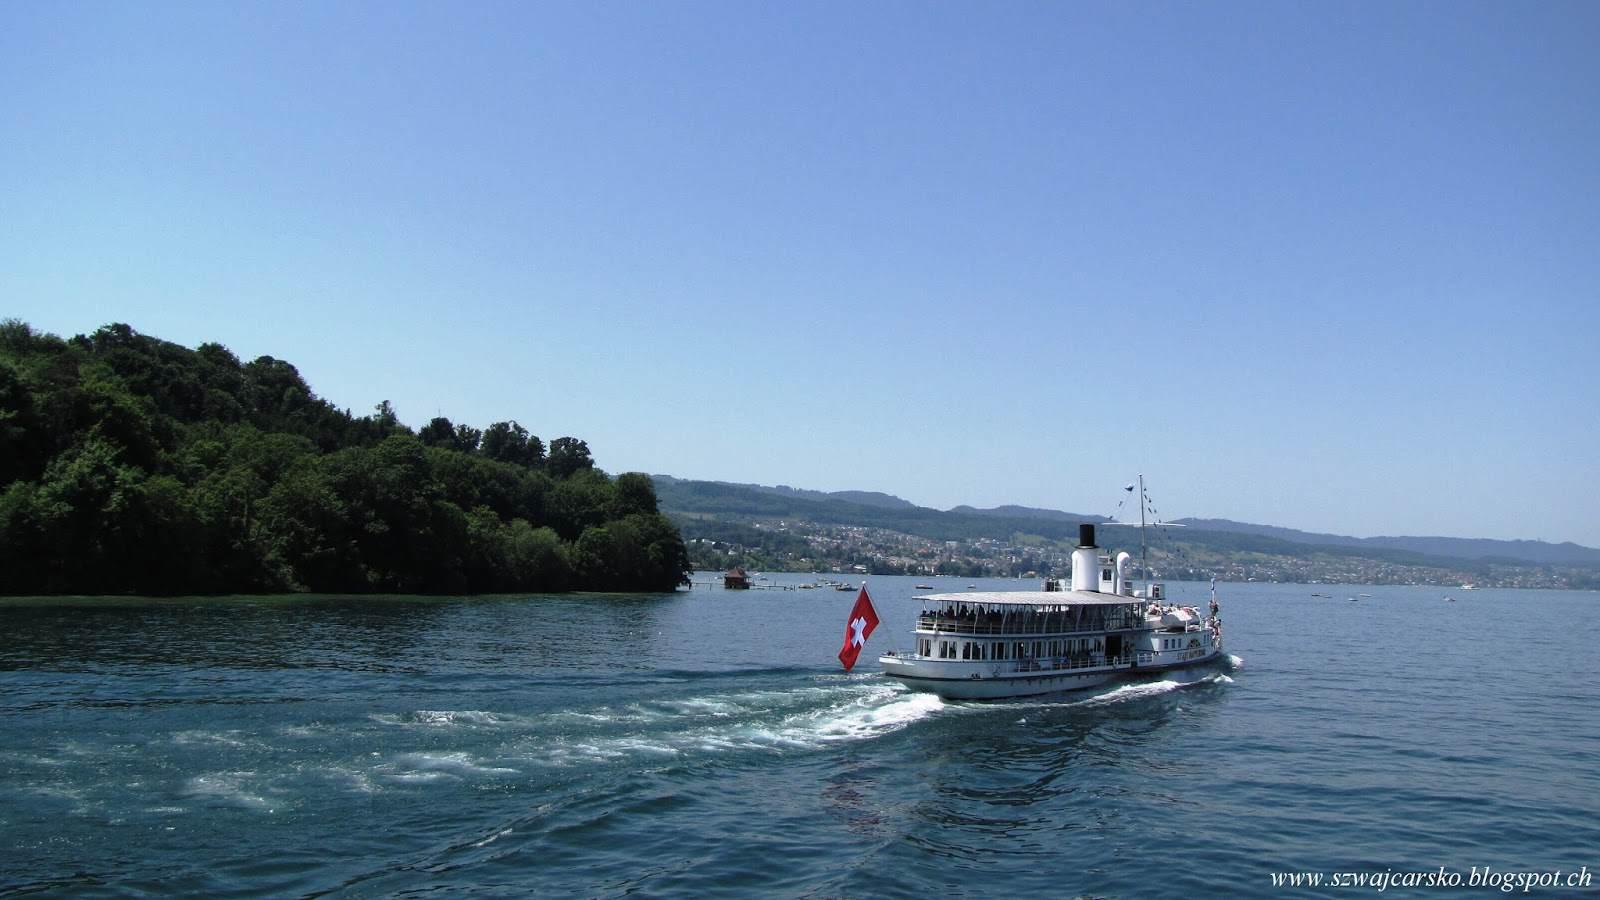 Czterogodzinny rejs statkiem po Zürichsee.